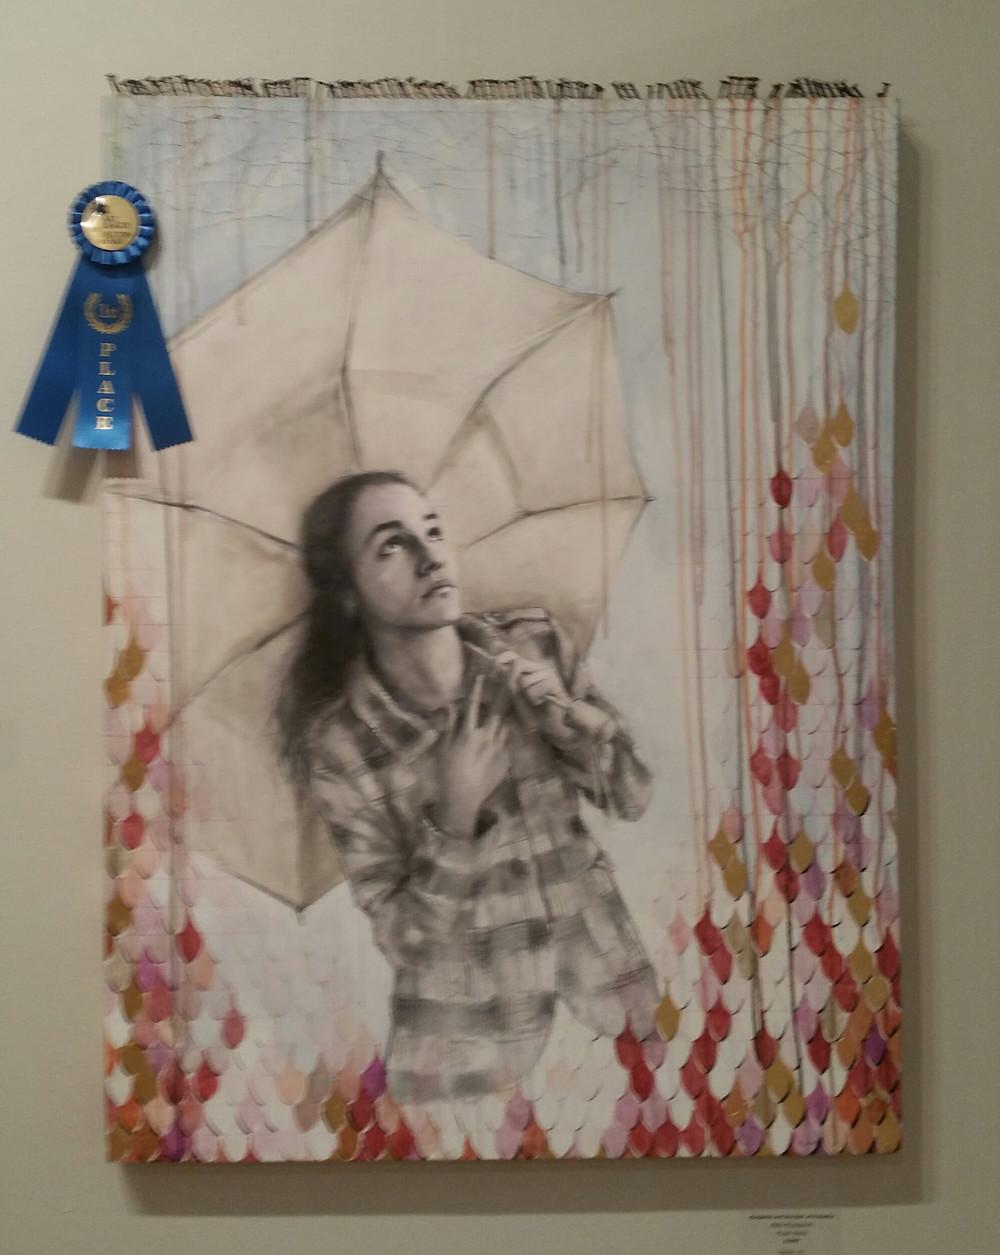 """1st Price.   """"Margarita and the rain of prejudices"""" by Aldo Muzzarelli"""